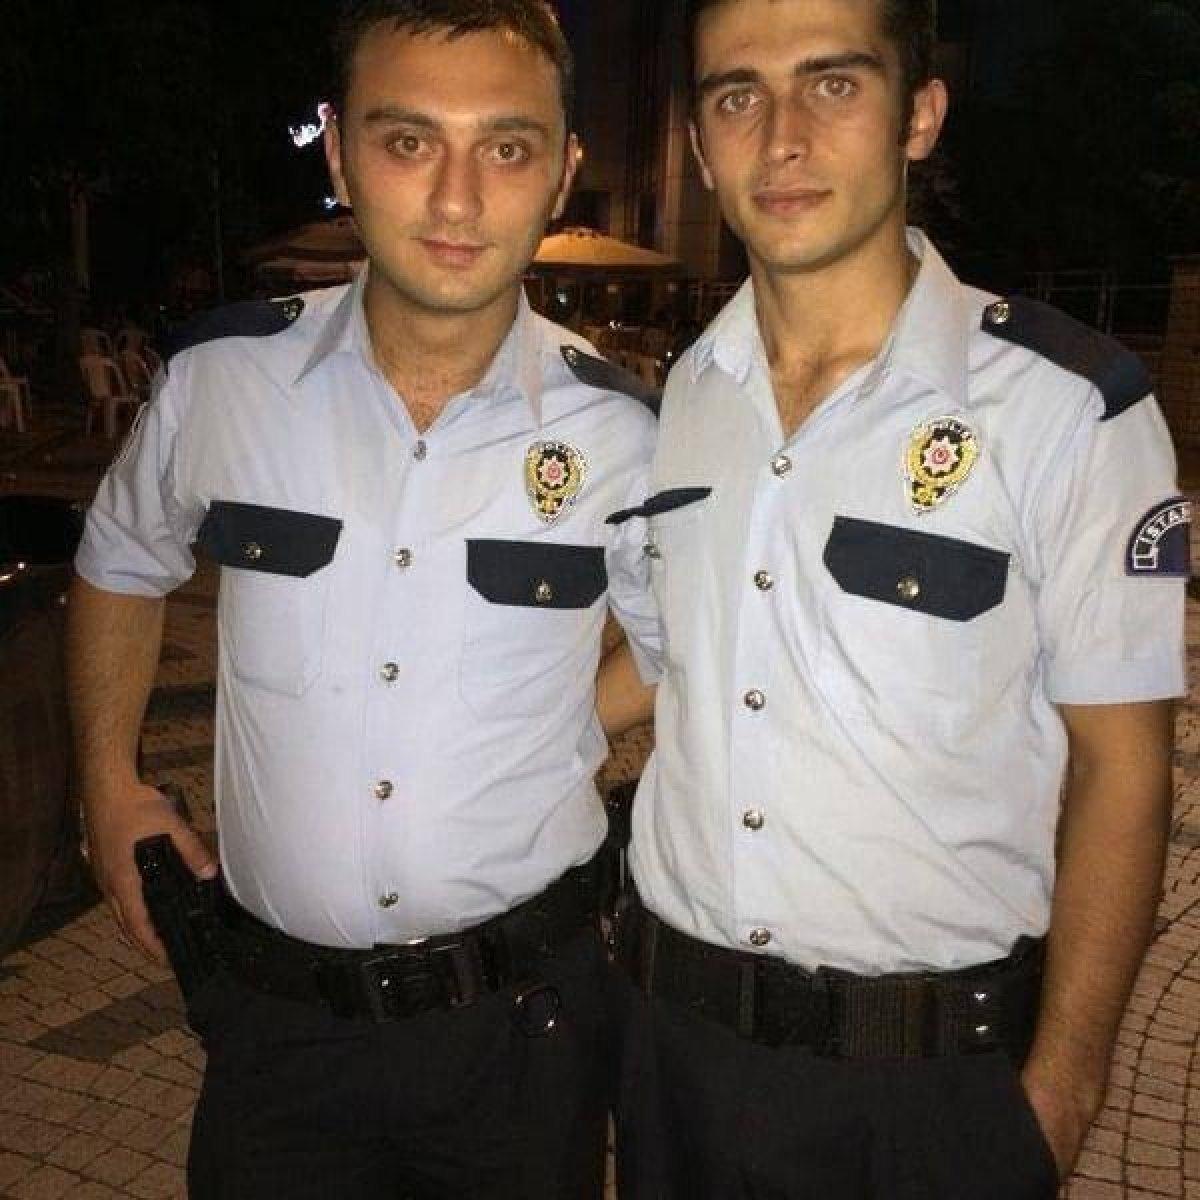 CHP den polisi şehit eden Kadir Aktar ın ölümü araştırılsın önergesi #2